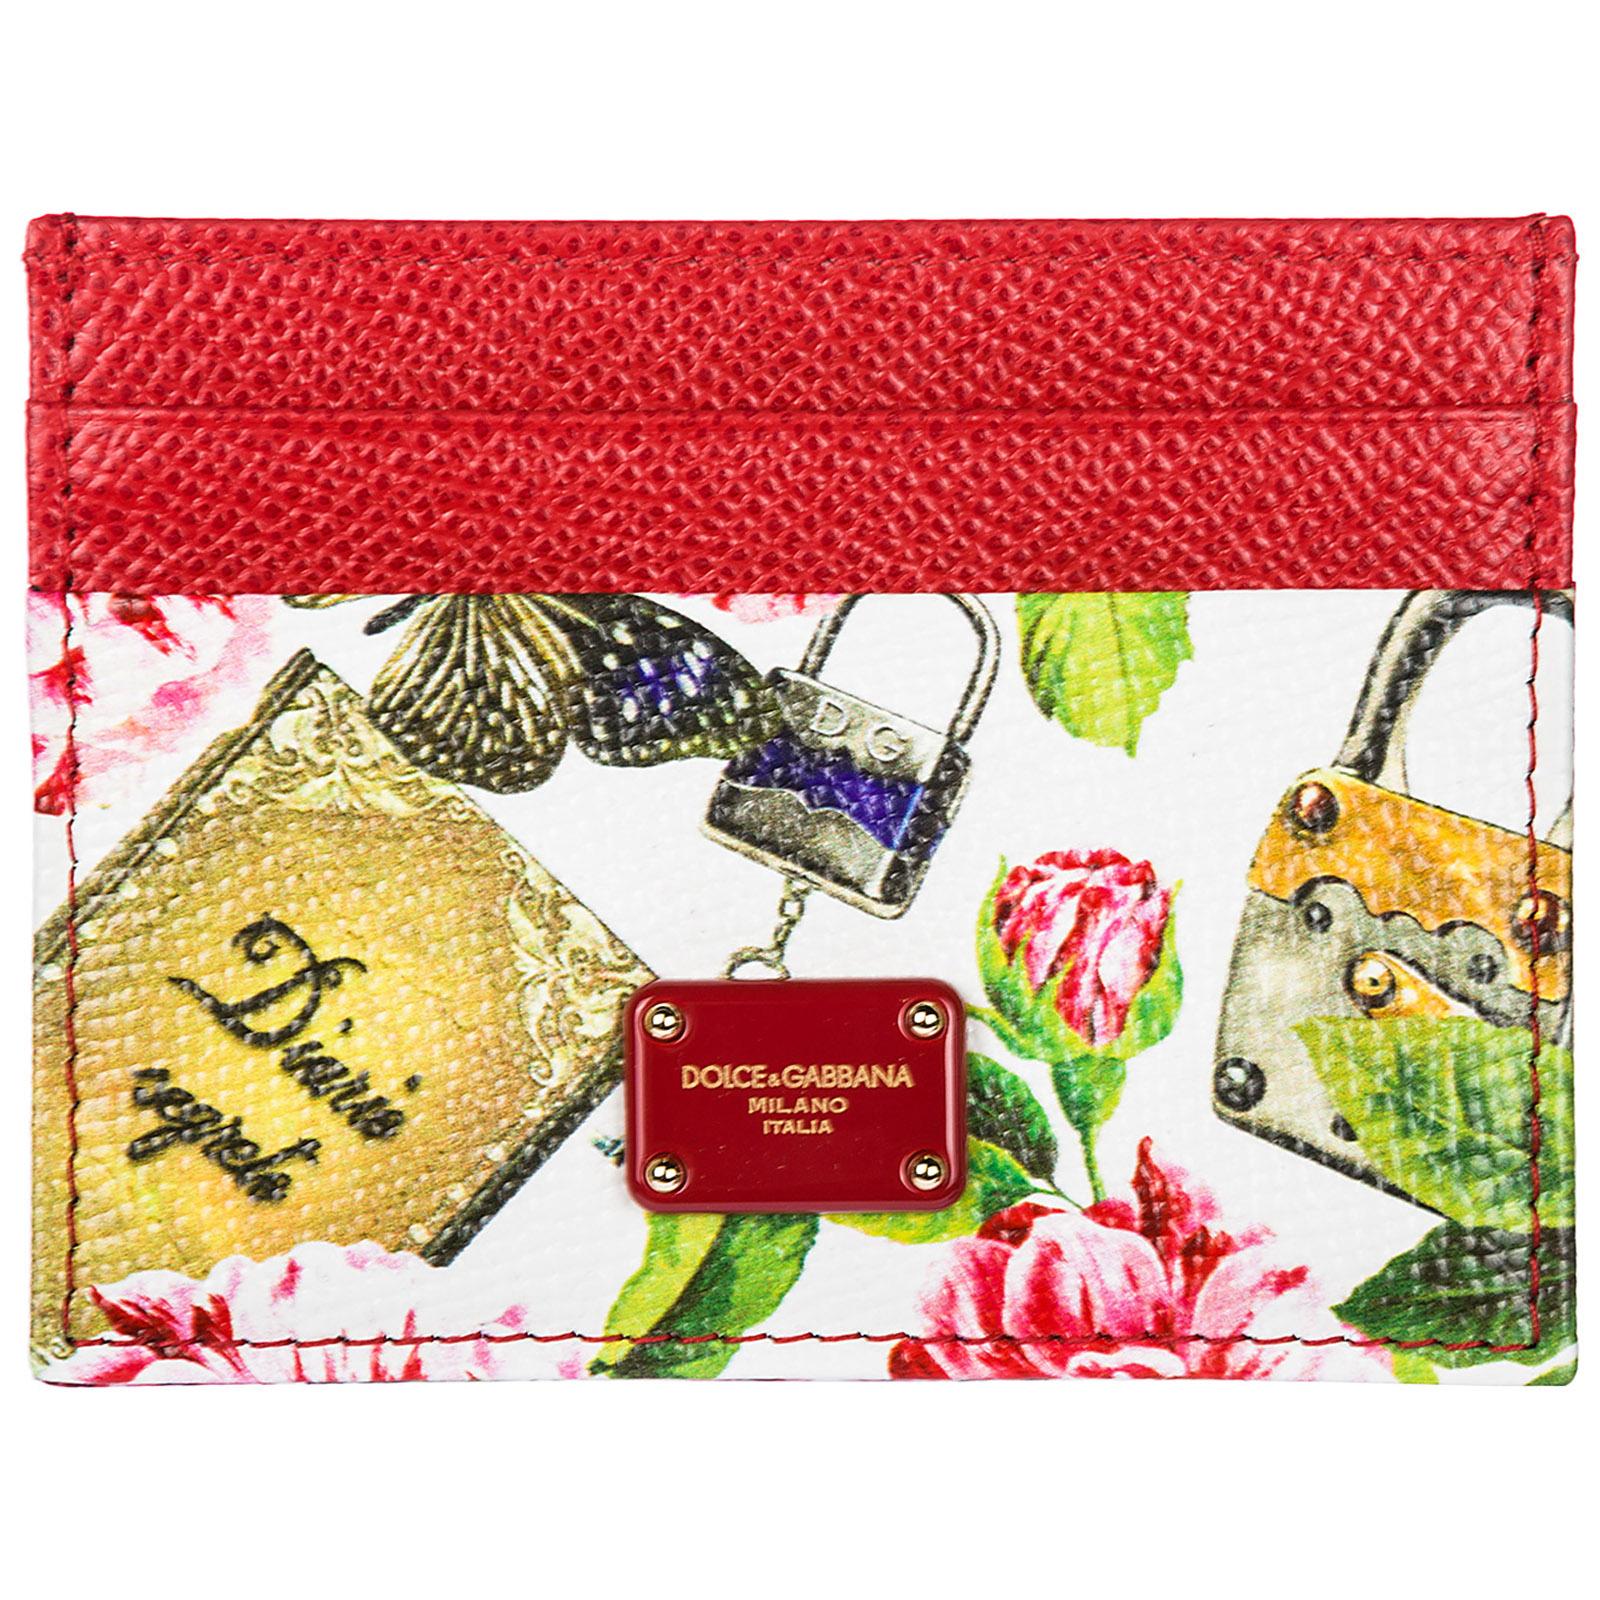 Porta carte di credito portafoglio donna pelle secret